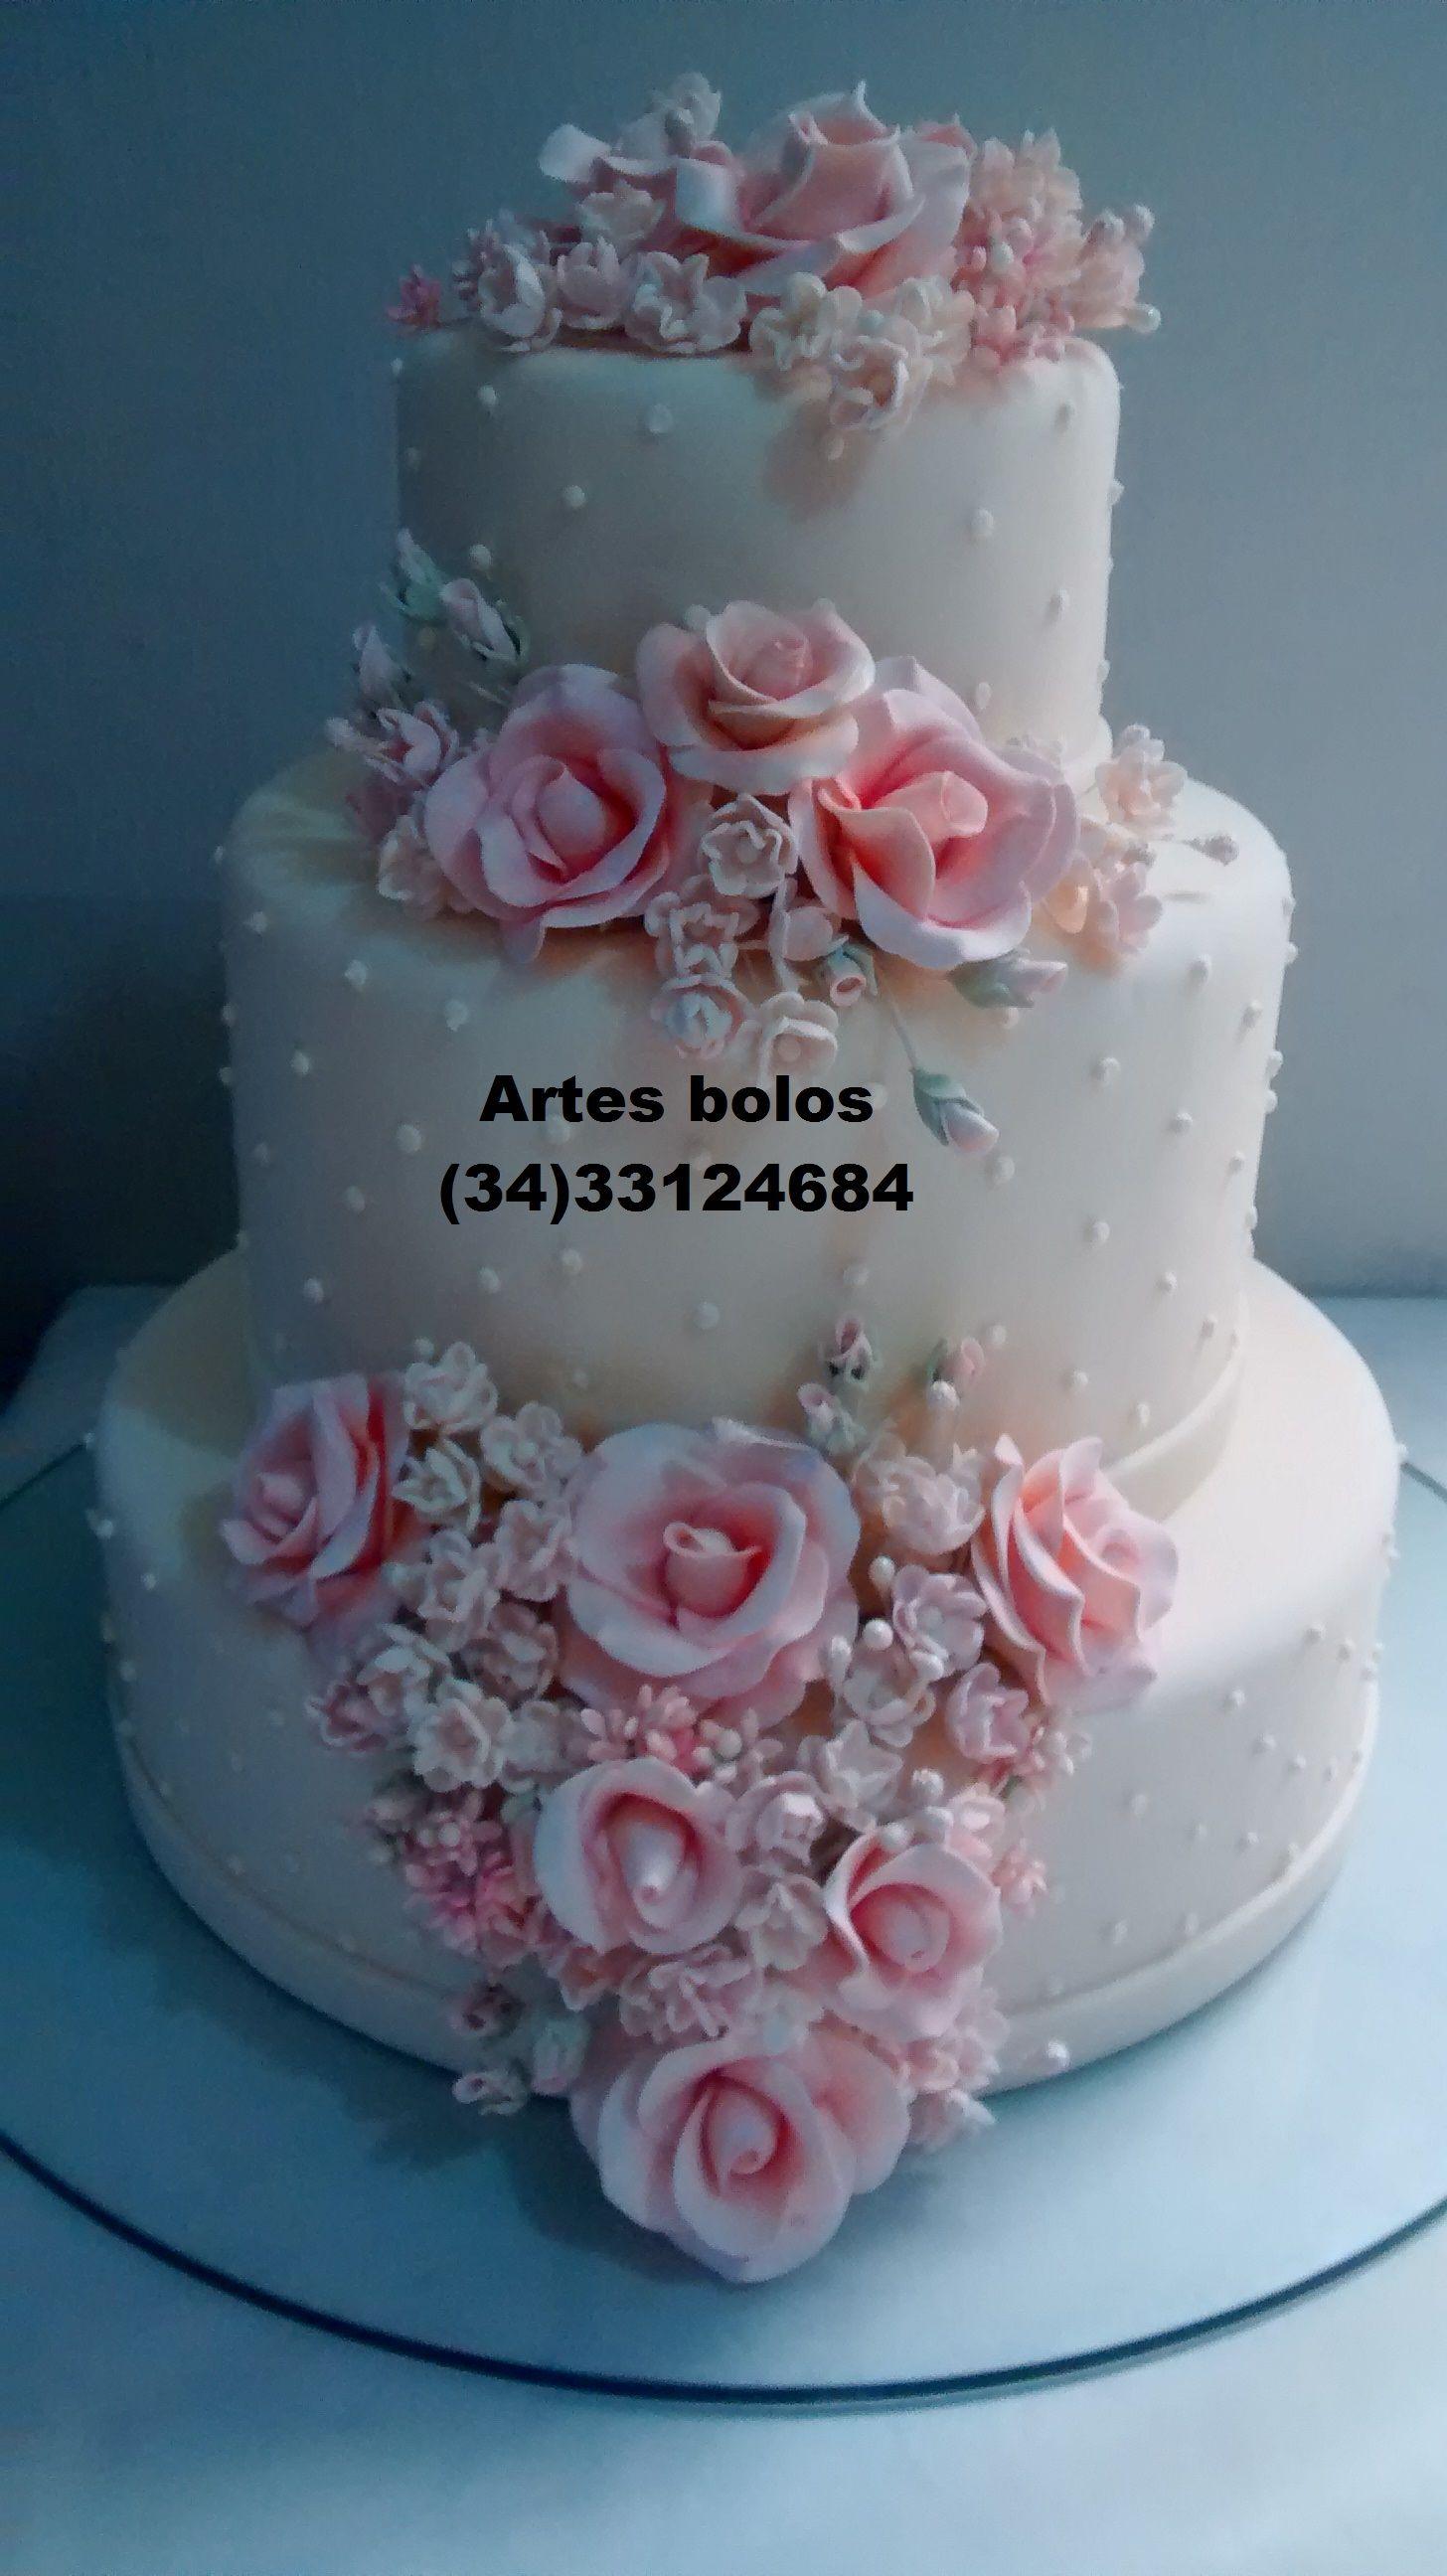 bolo com rosas